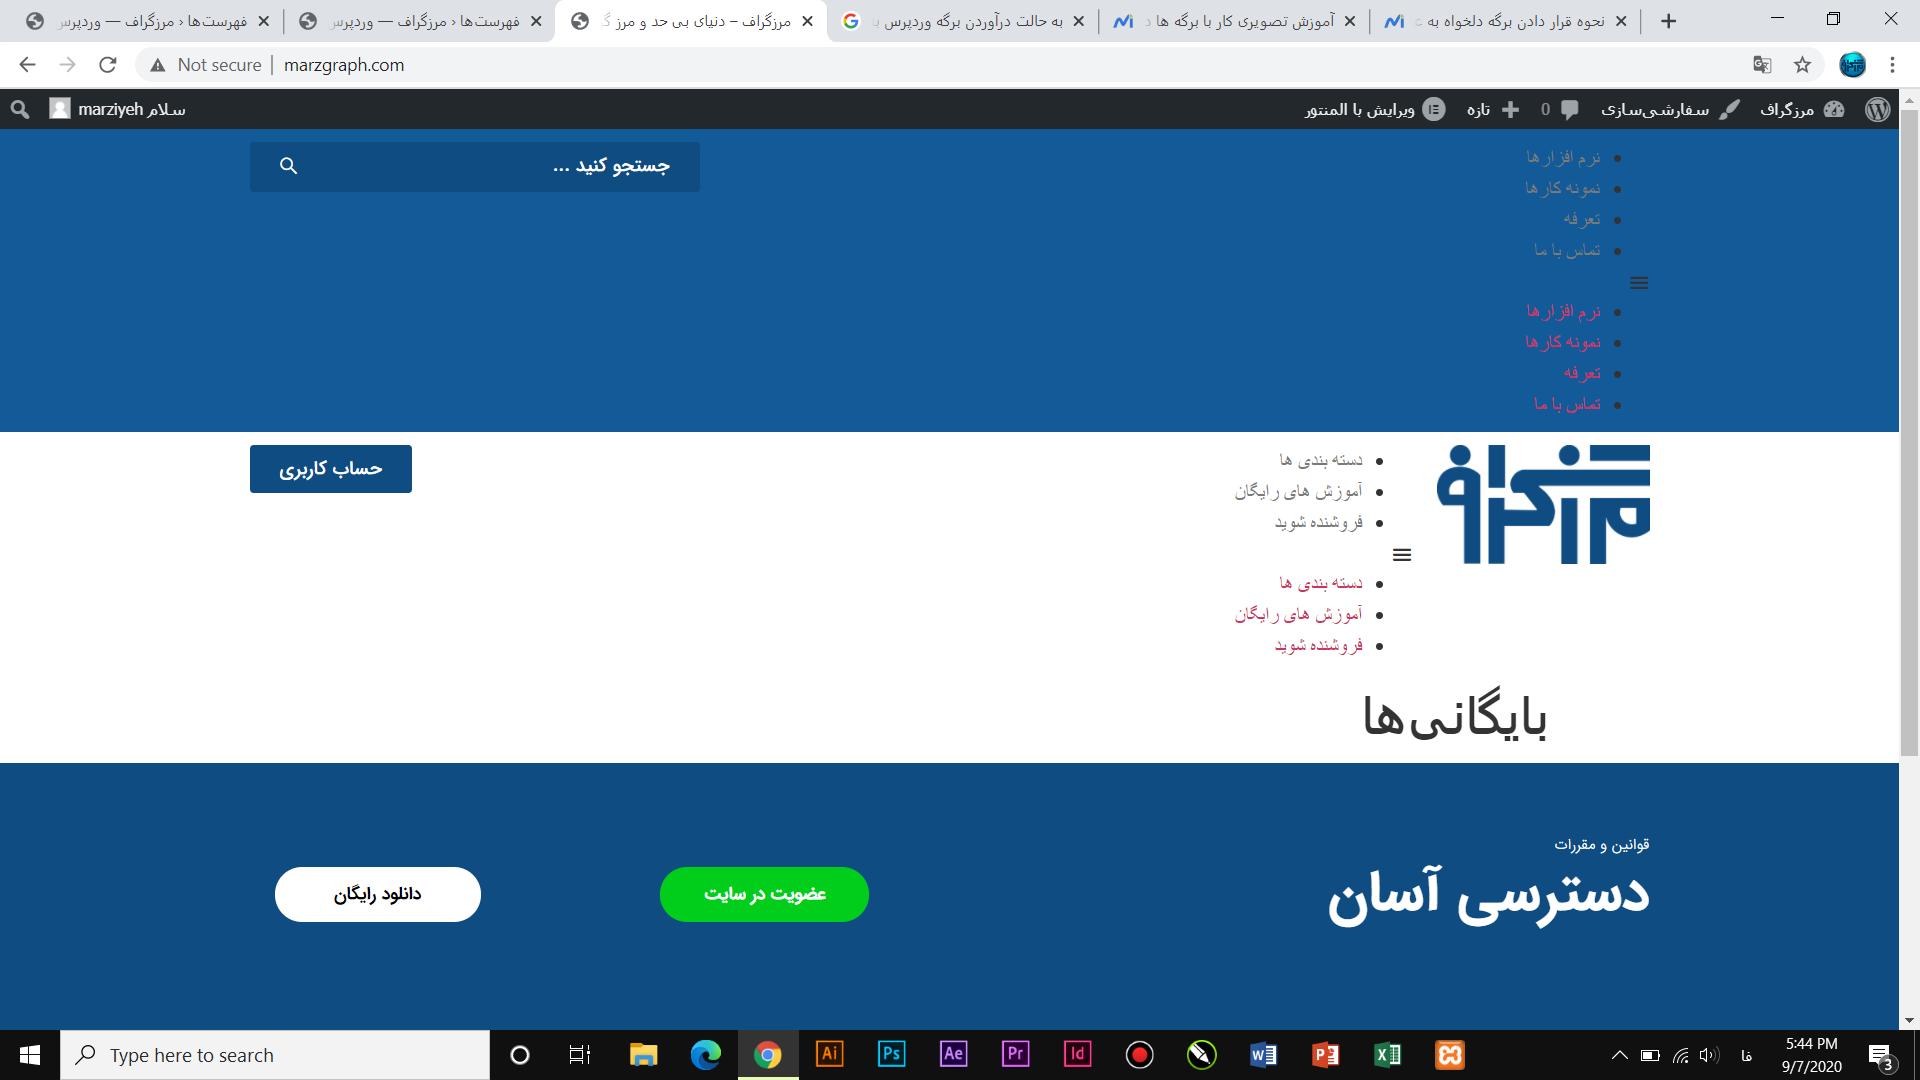 صفحه سایت